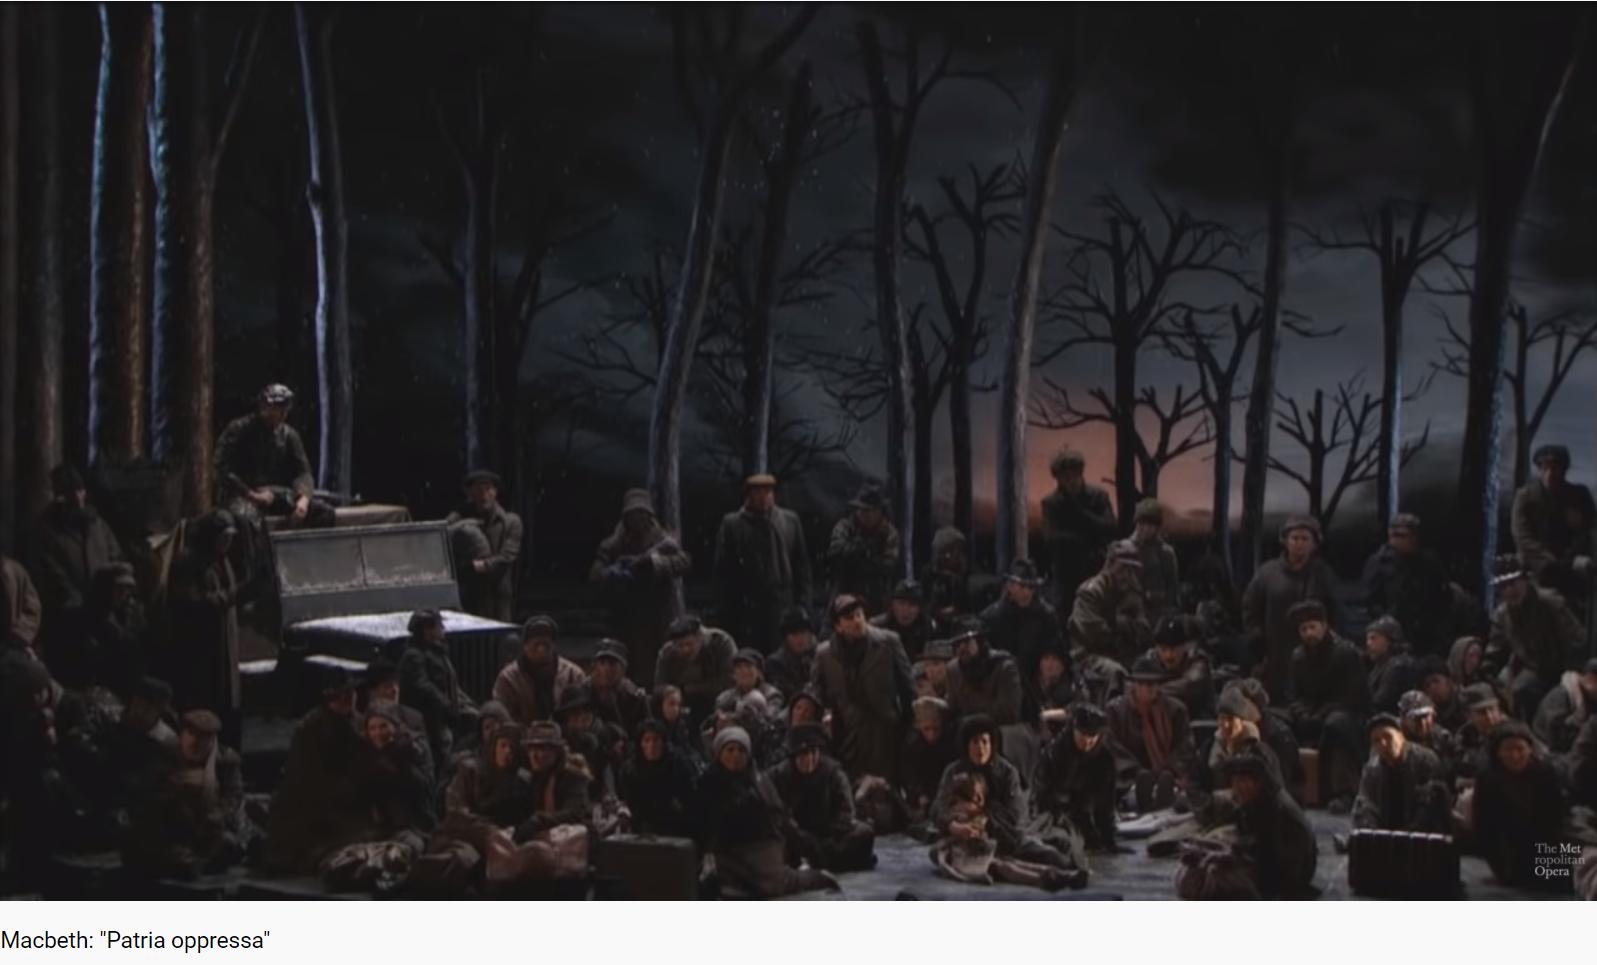 Verdi Macbeth Patria oppressa (MET 2008)